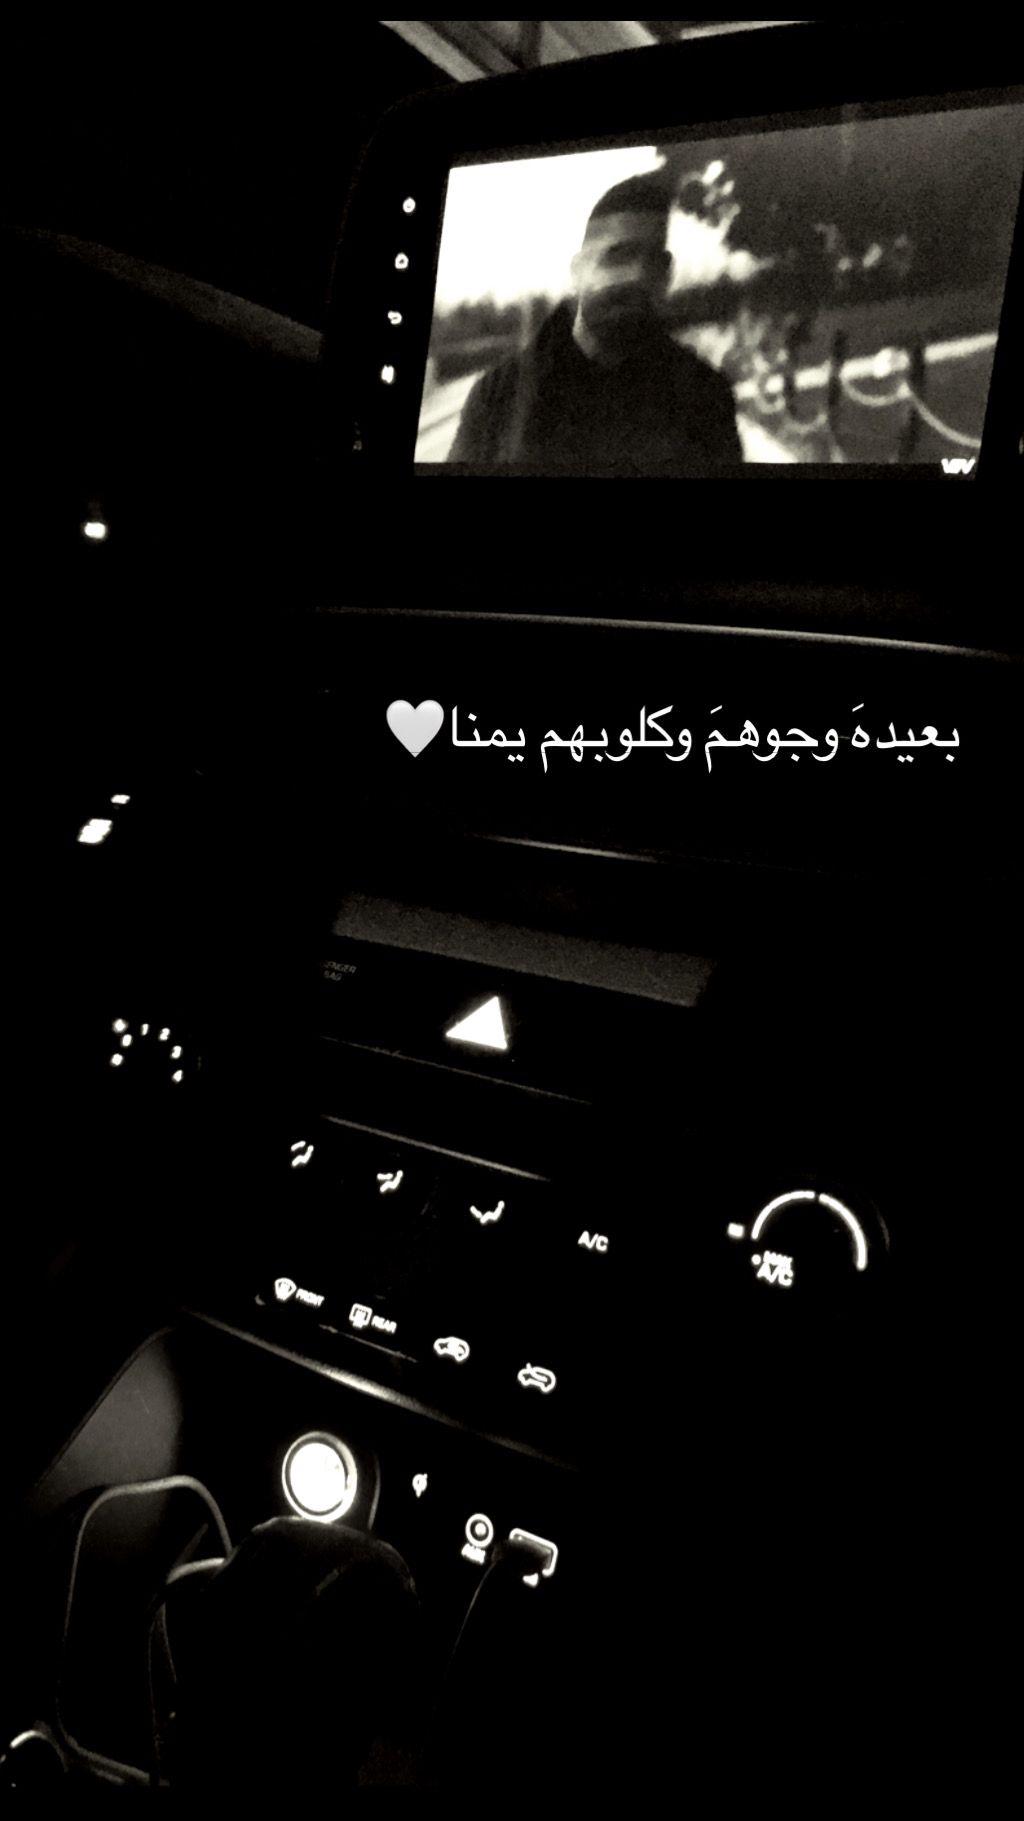 بعيدة وجوهم وكلوبهم يمنا الليل Beautiful Arabic Words Cute Girl Photo Special Nails